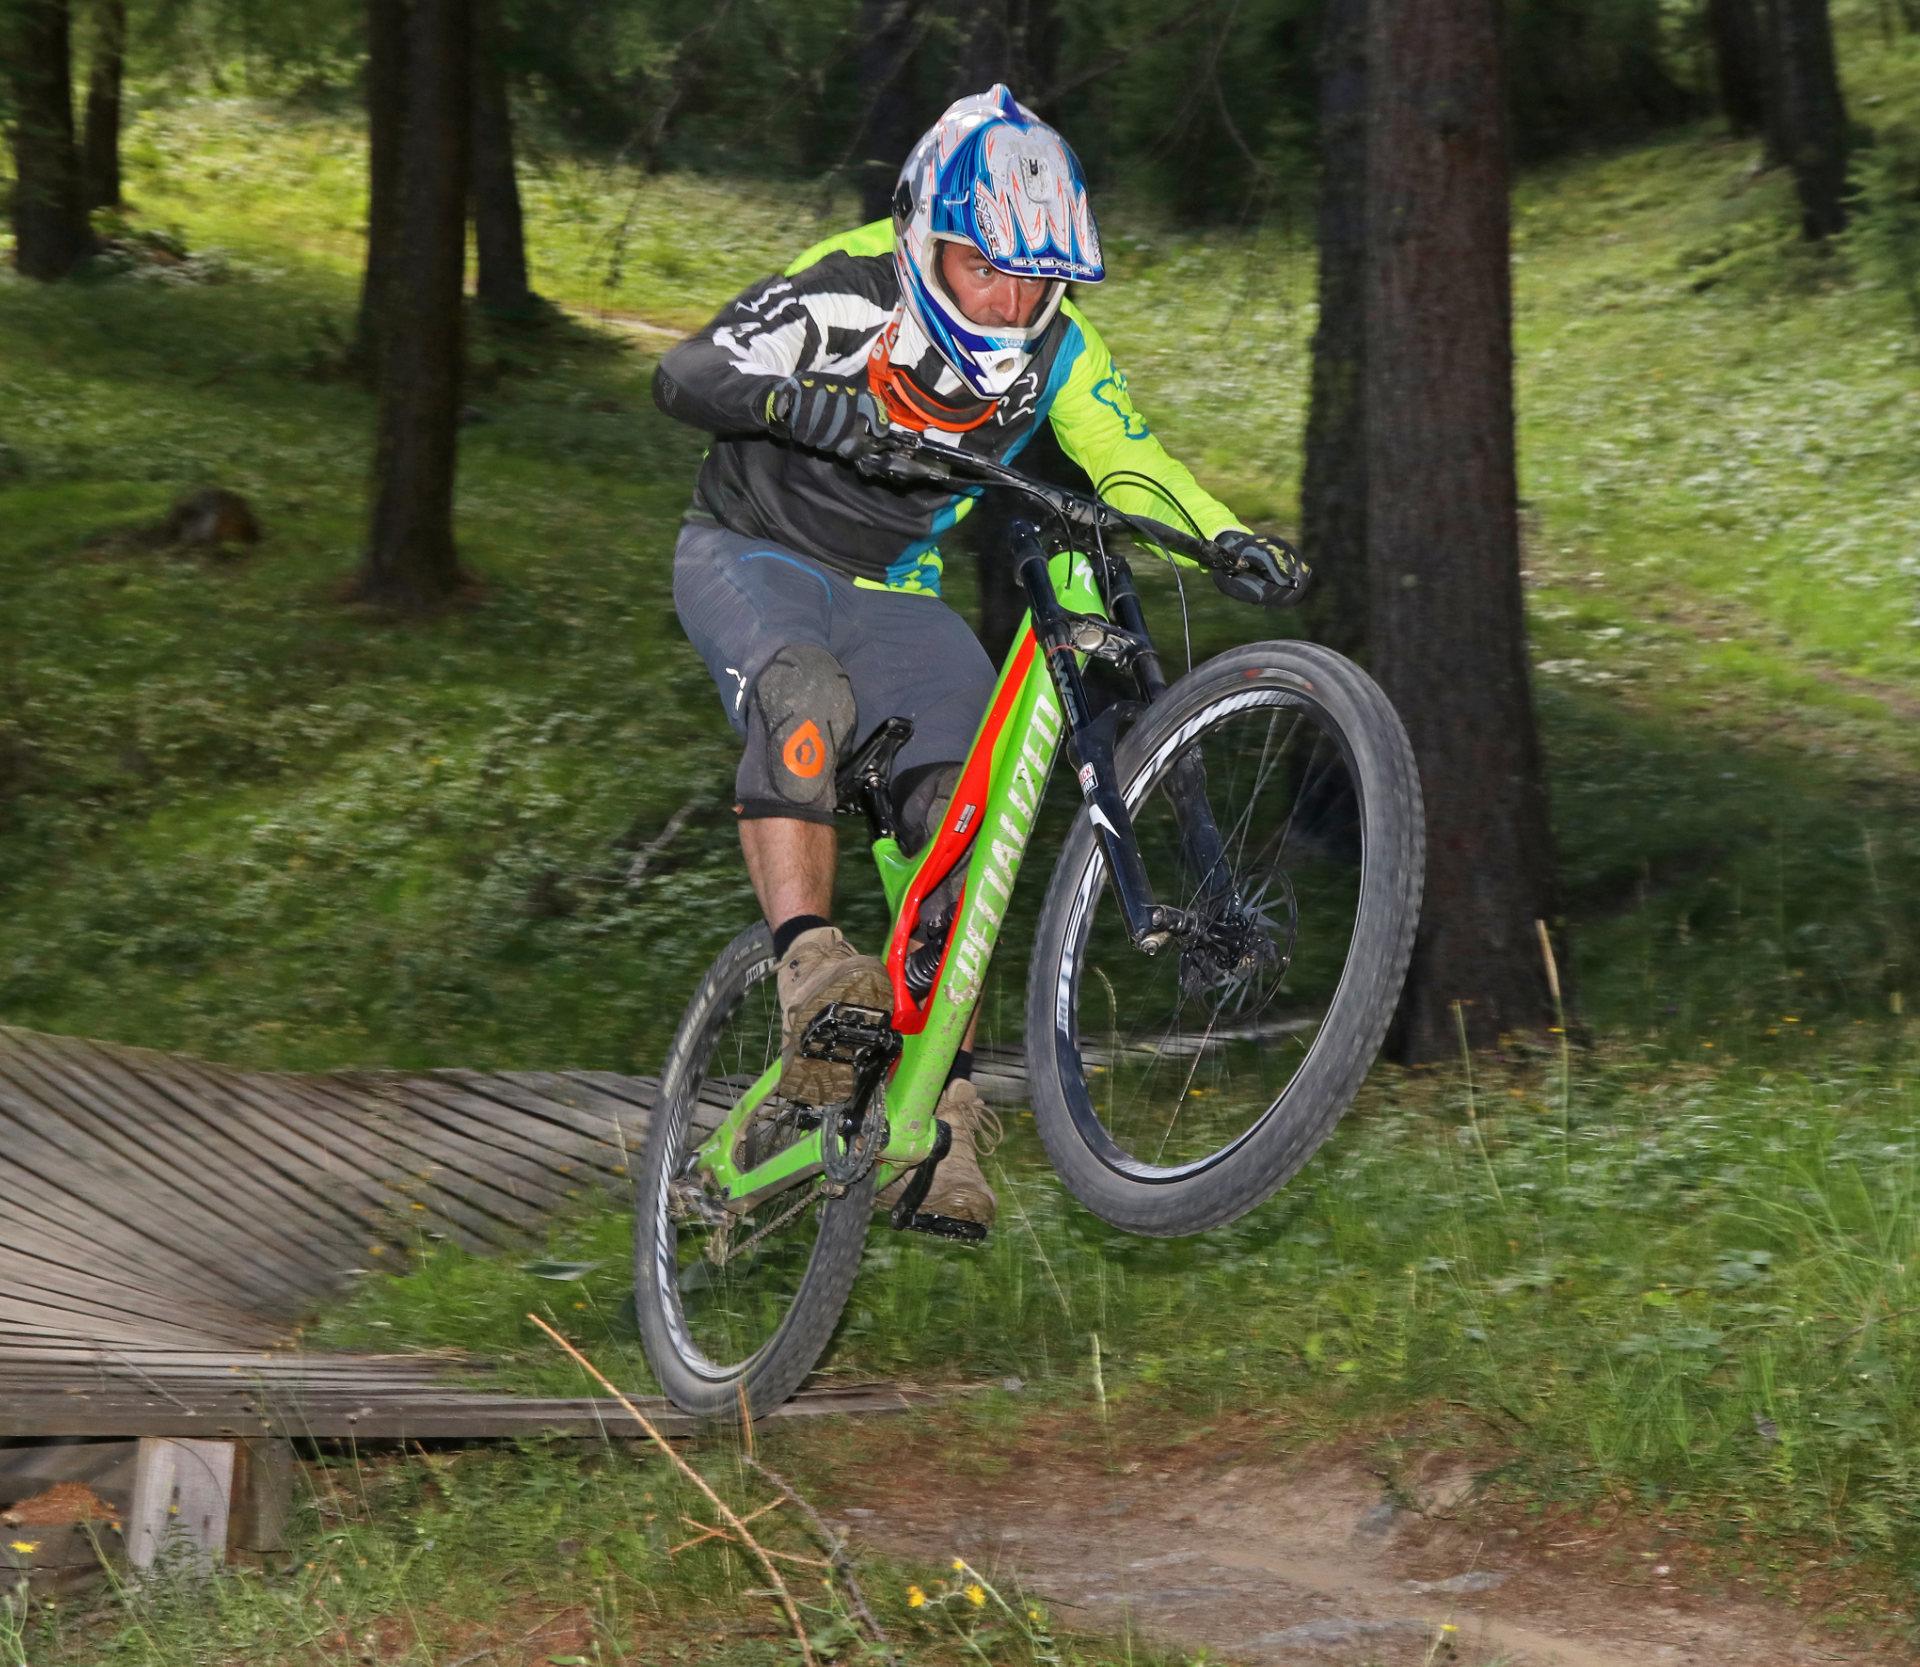 Bike park Sauze d'Oulx